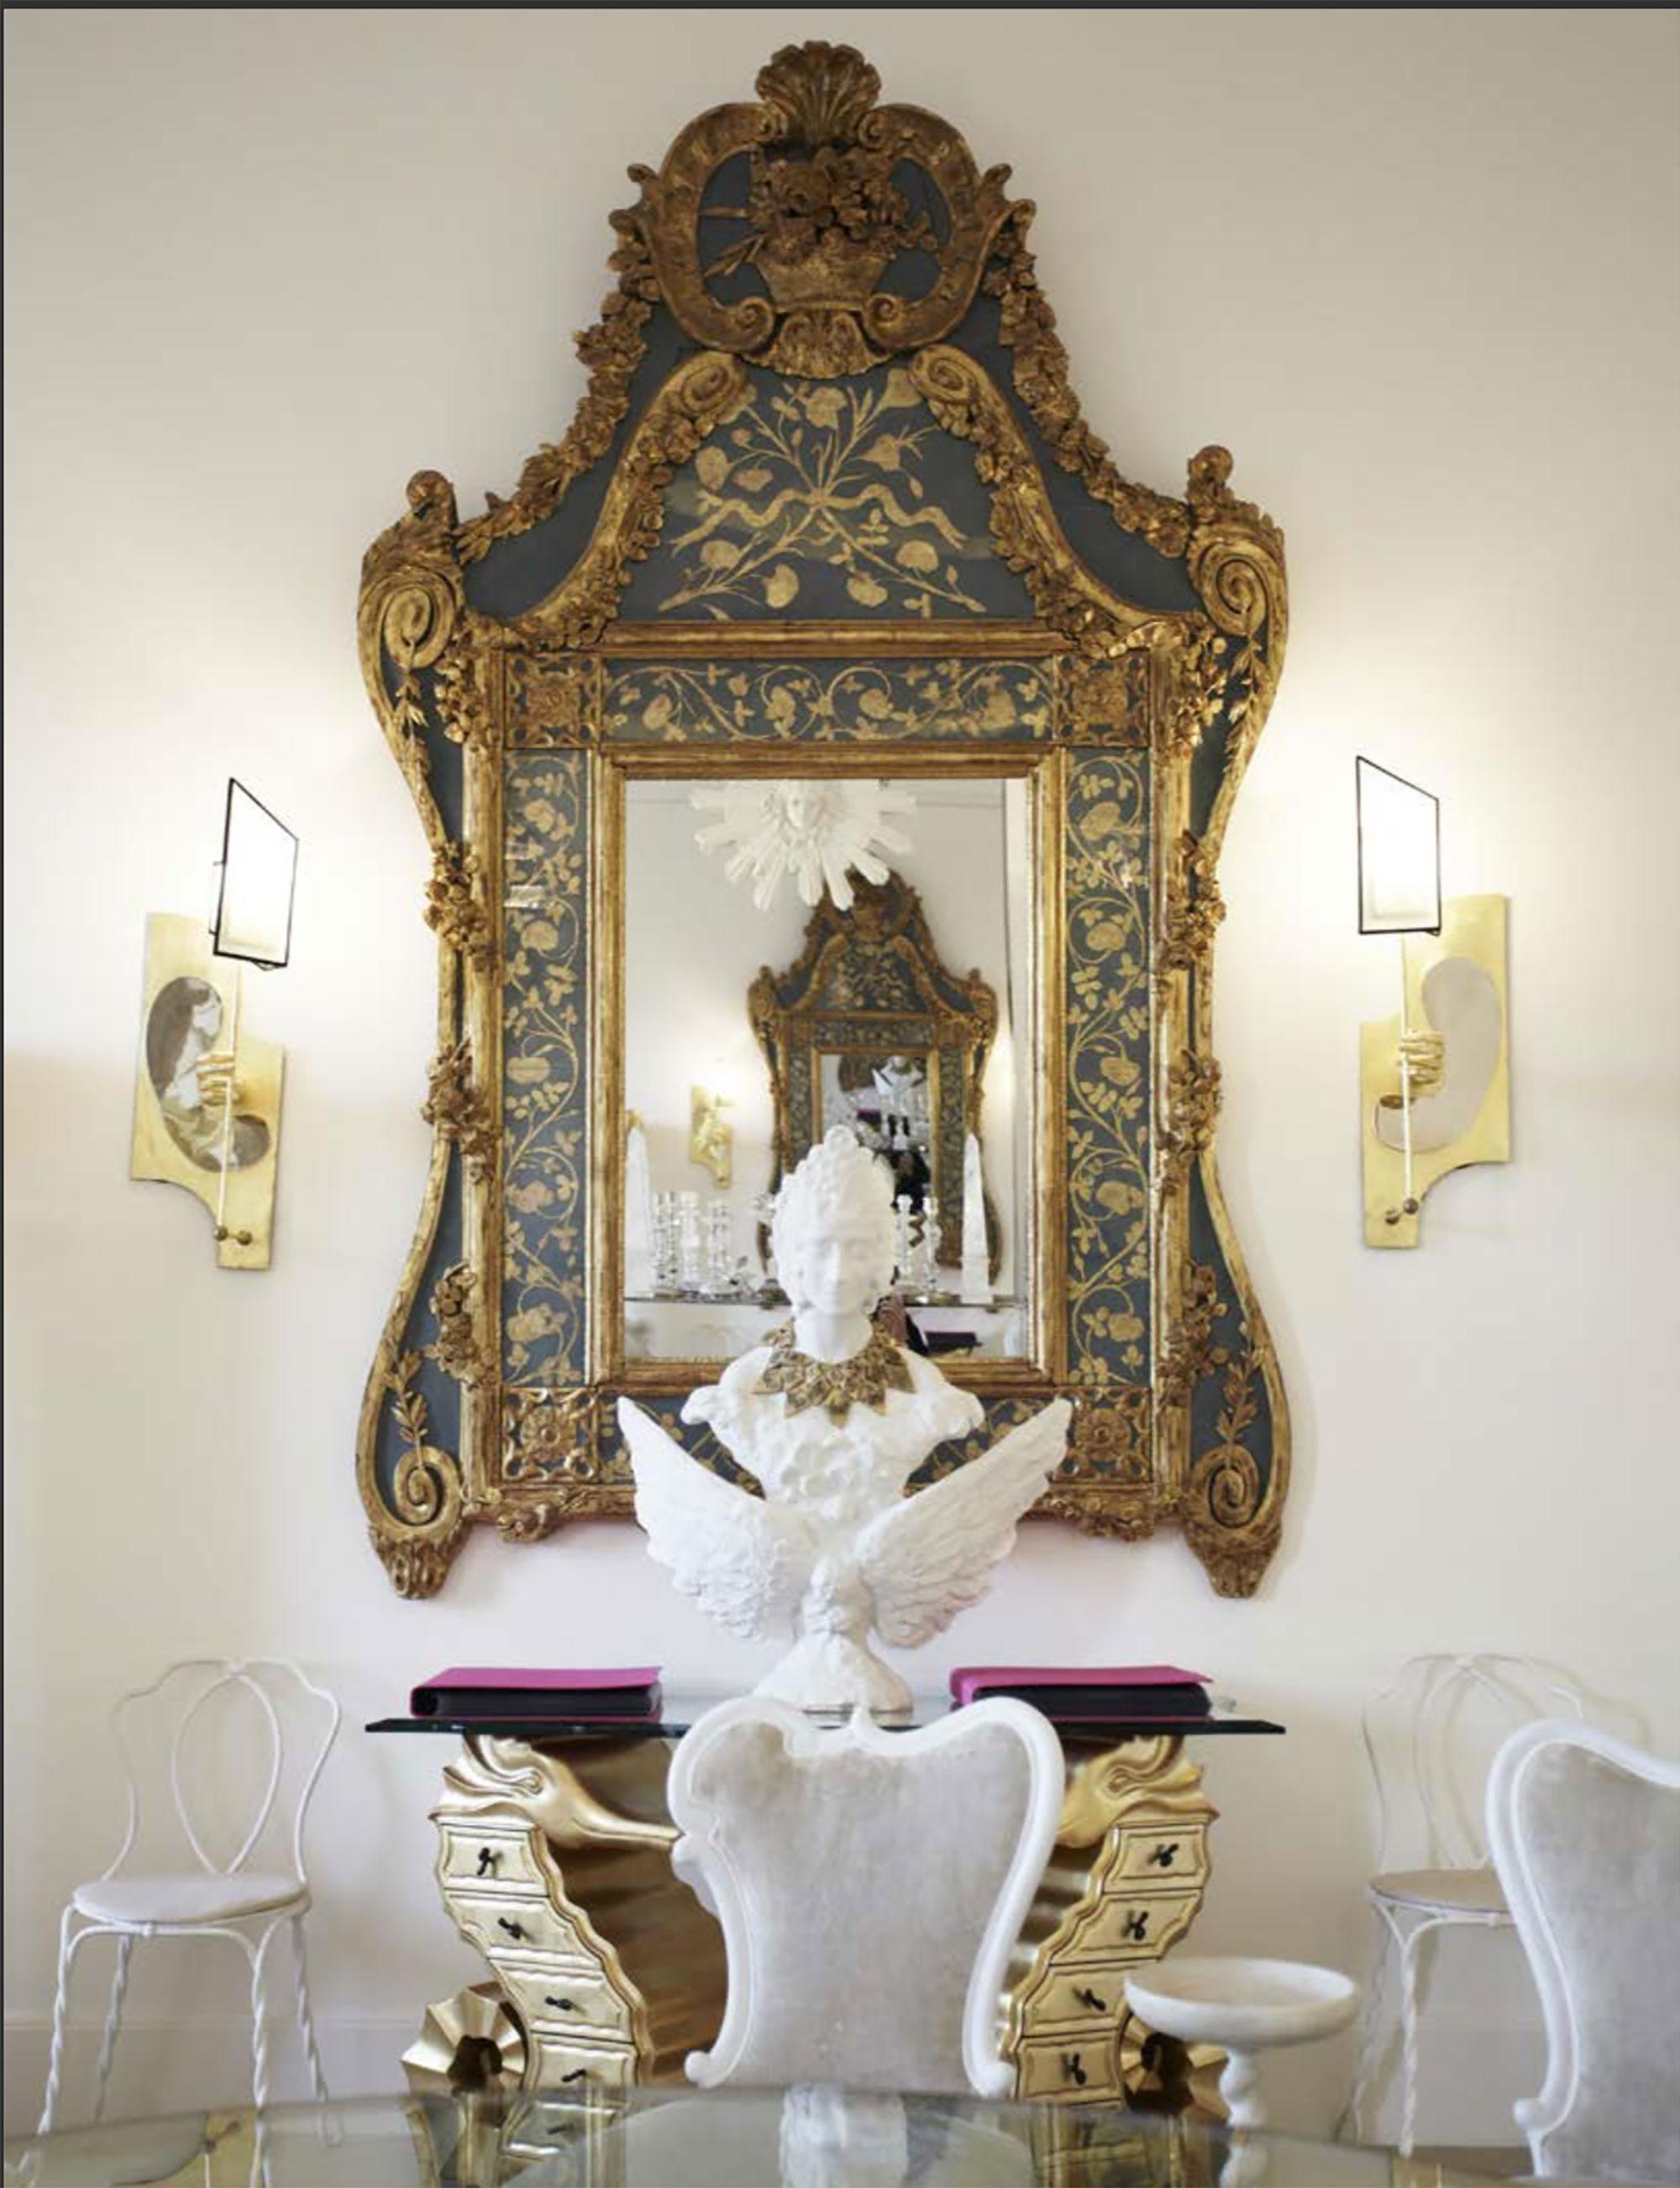 リゾーリ社より発行された『Vincent Darre: Surreal Interiors of Paris』より、ヴァンサン・ダレが手がけたスキャパレリのサロン内装